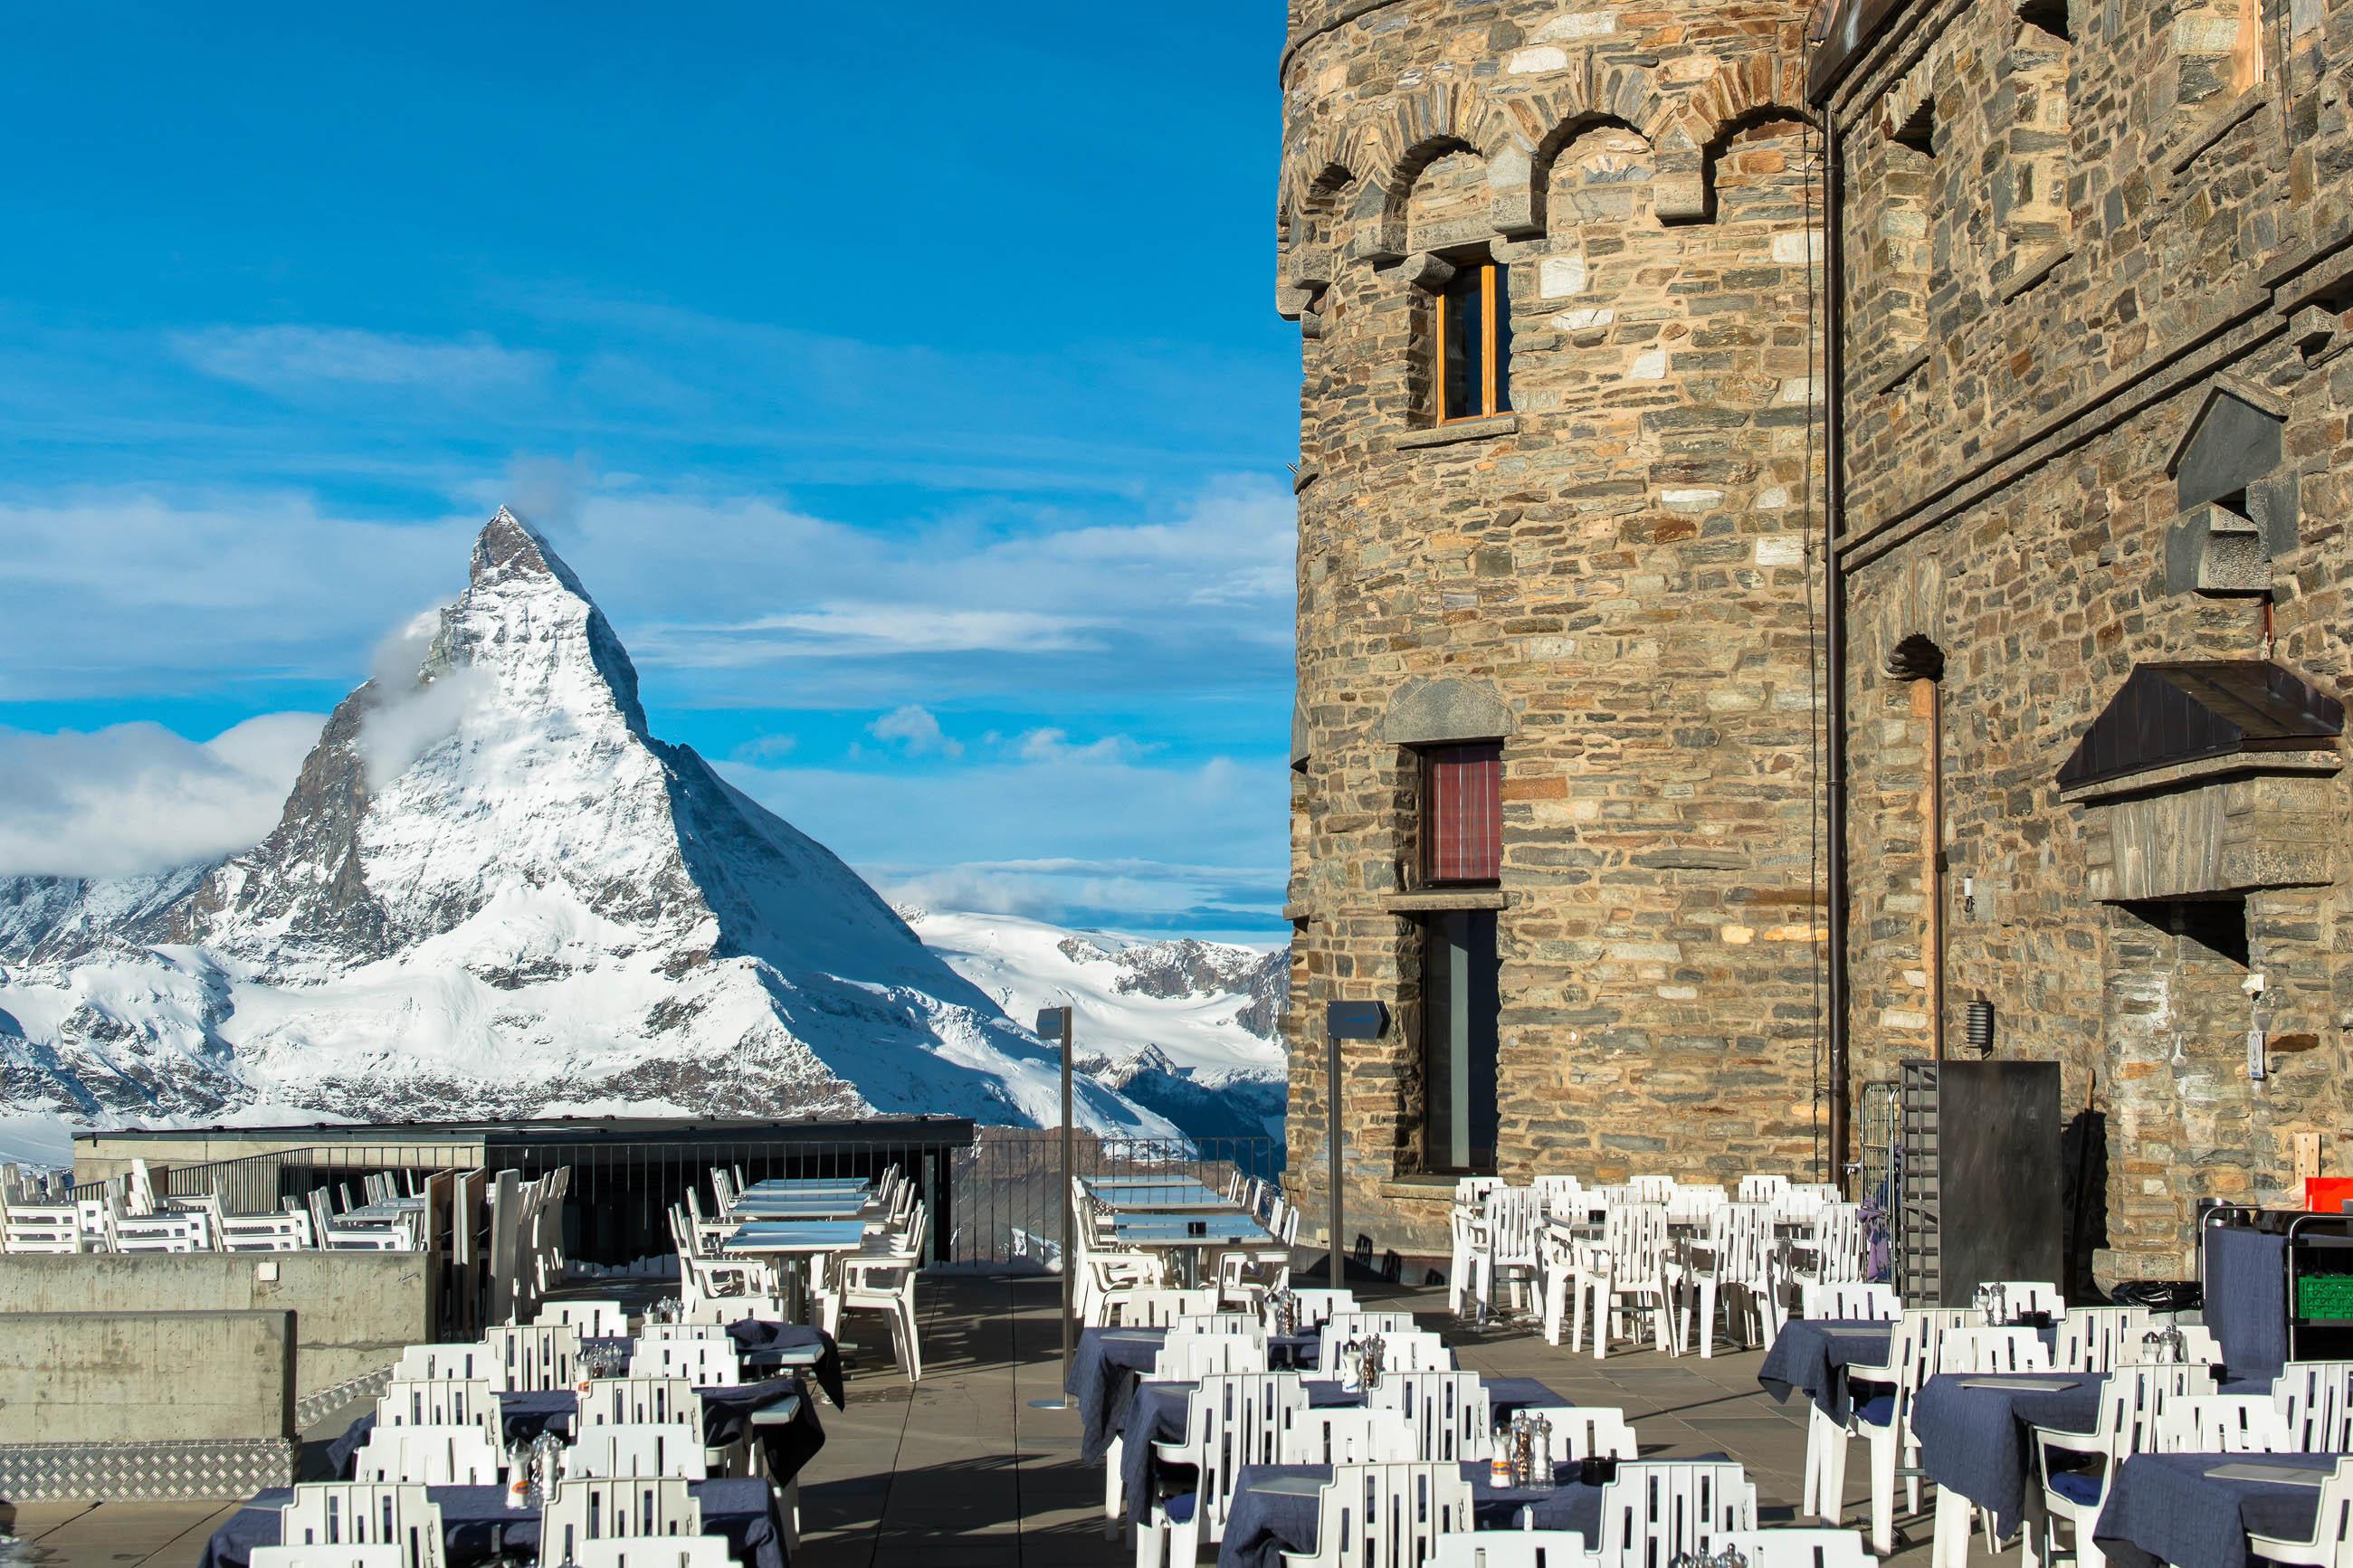 Vom Gornergrat-Observatorium aus hat man einen idealen Blick auf das Matterhorn, wohl der berühmteste Berg der Schweiz - © TheYok / Shutterstock